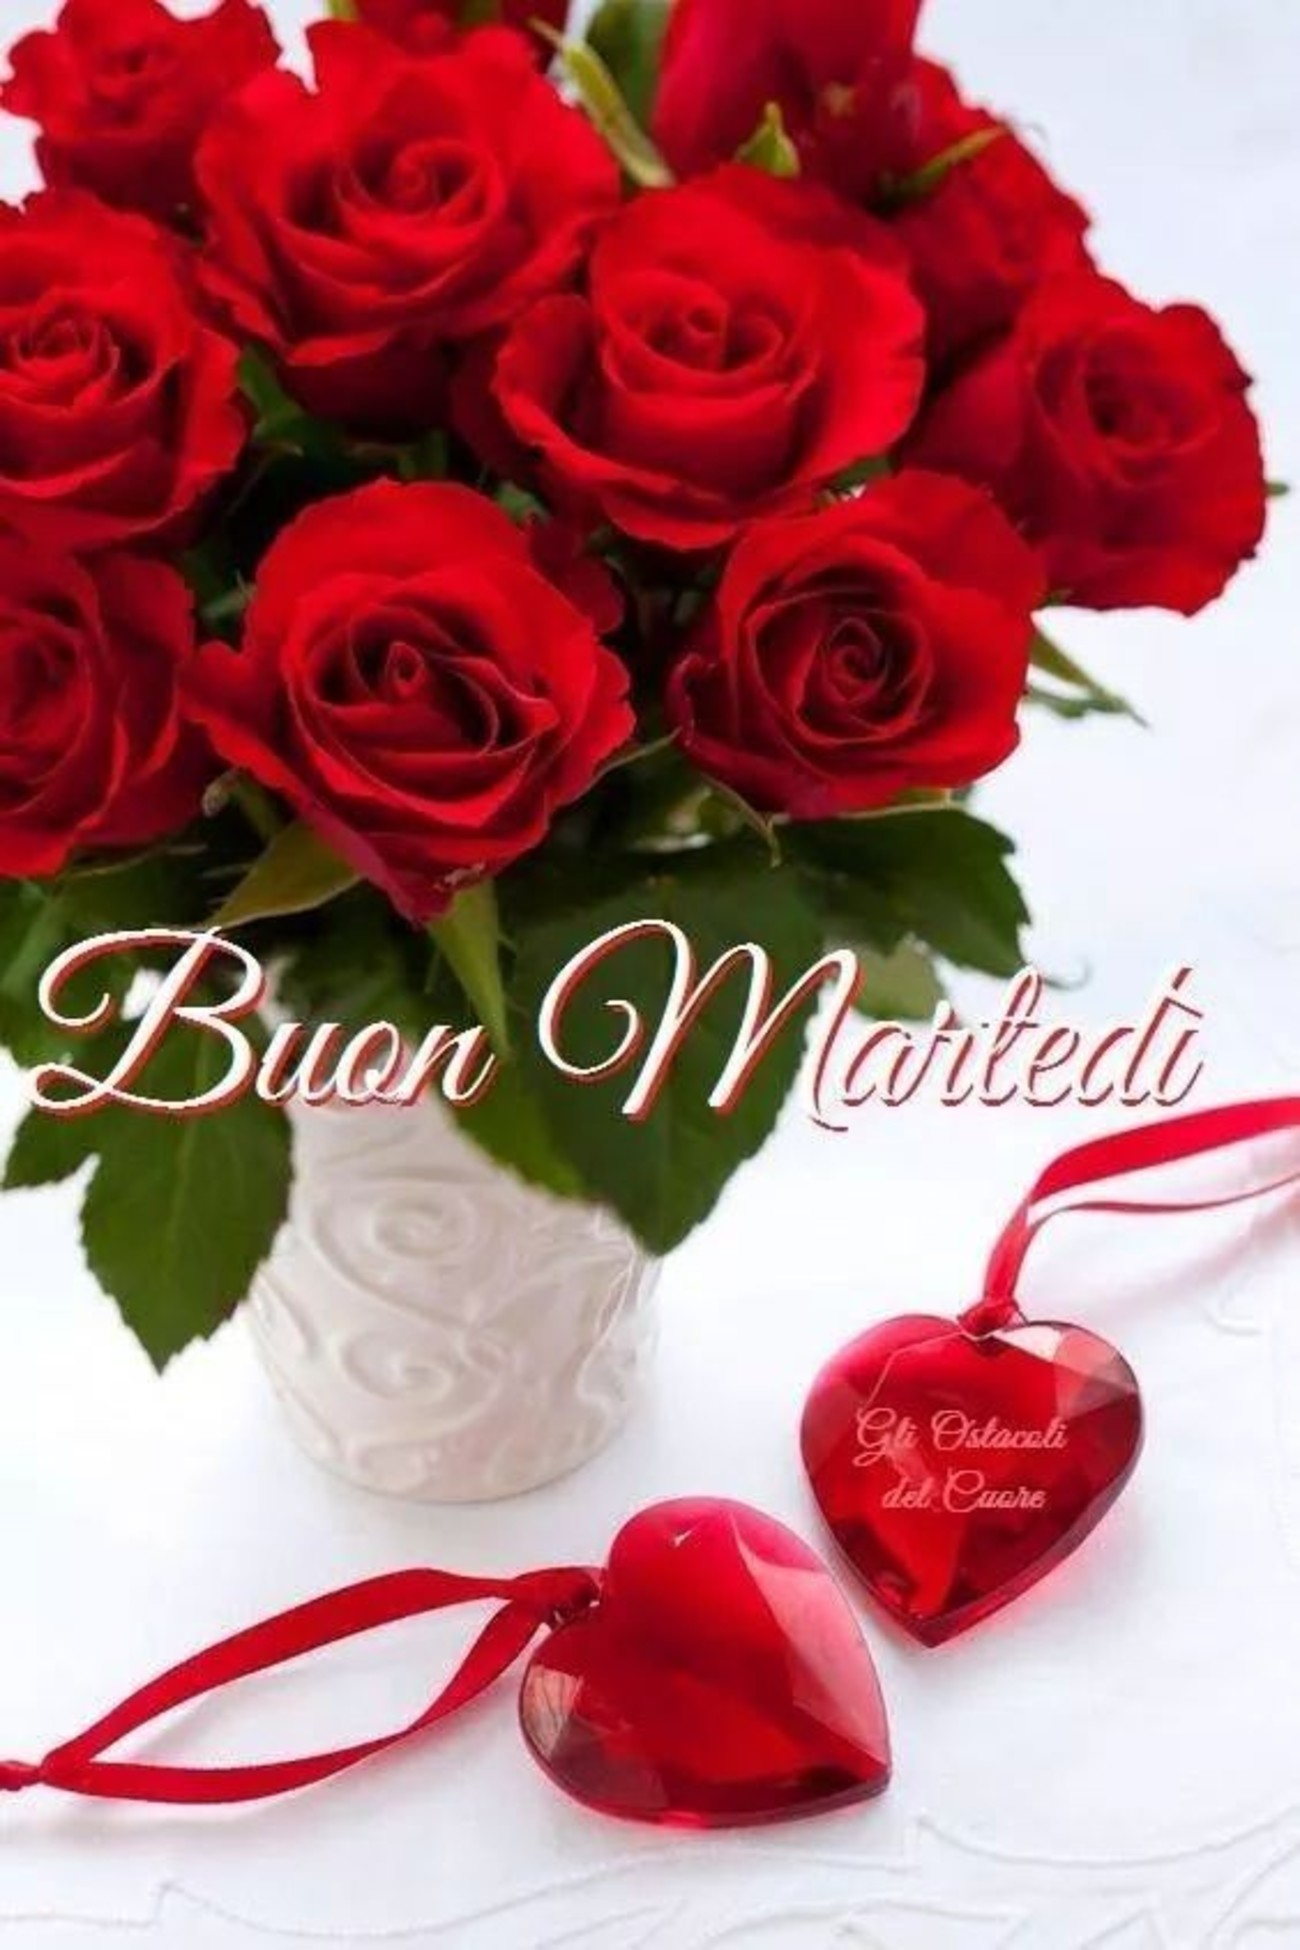 belle immagini buon martedi amore con rose (7)